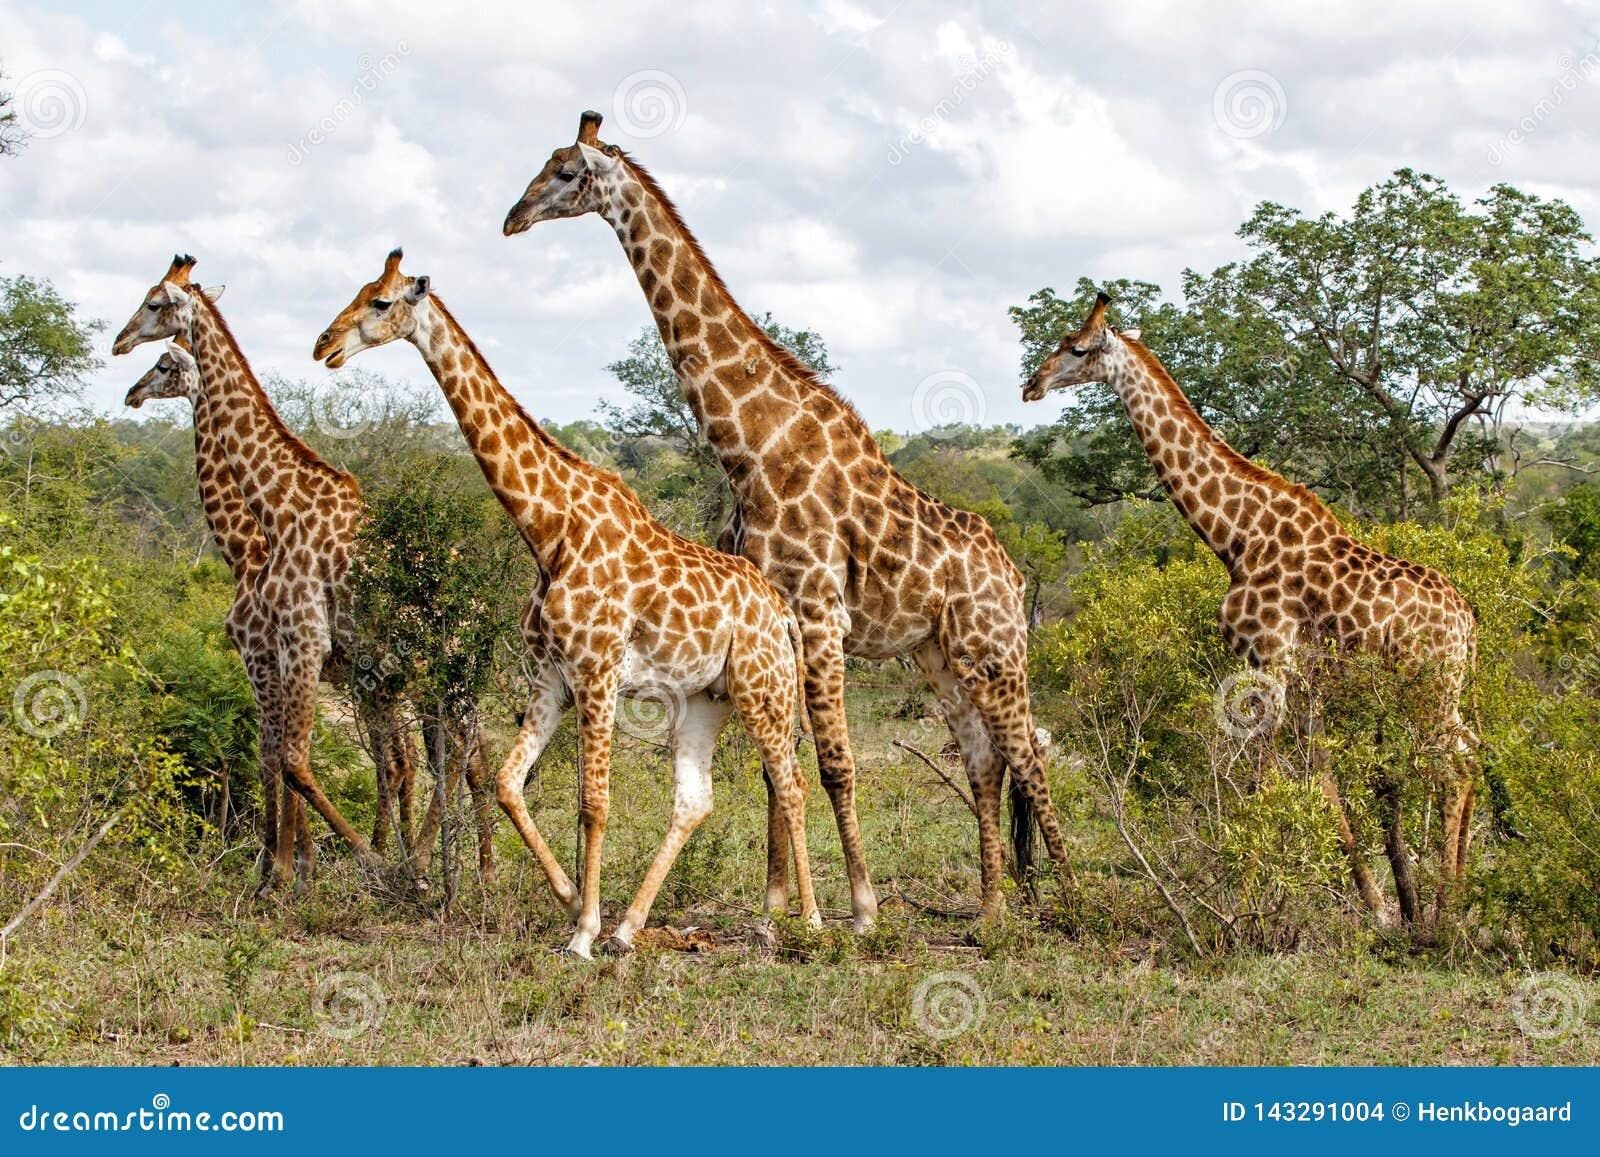 Herde von Giraffen in Südafrika